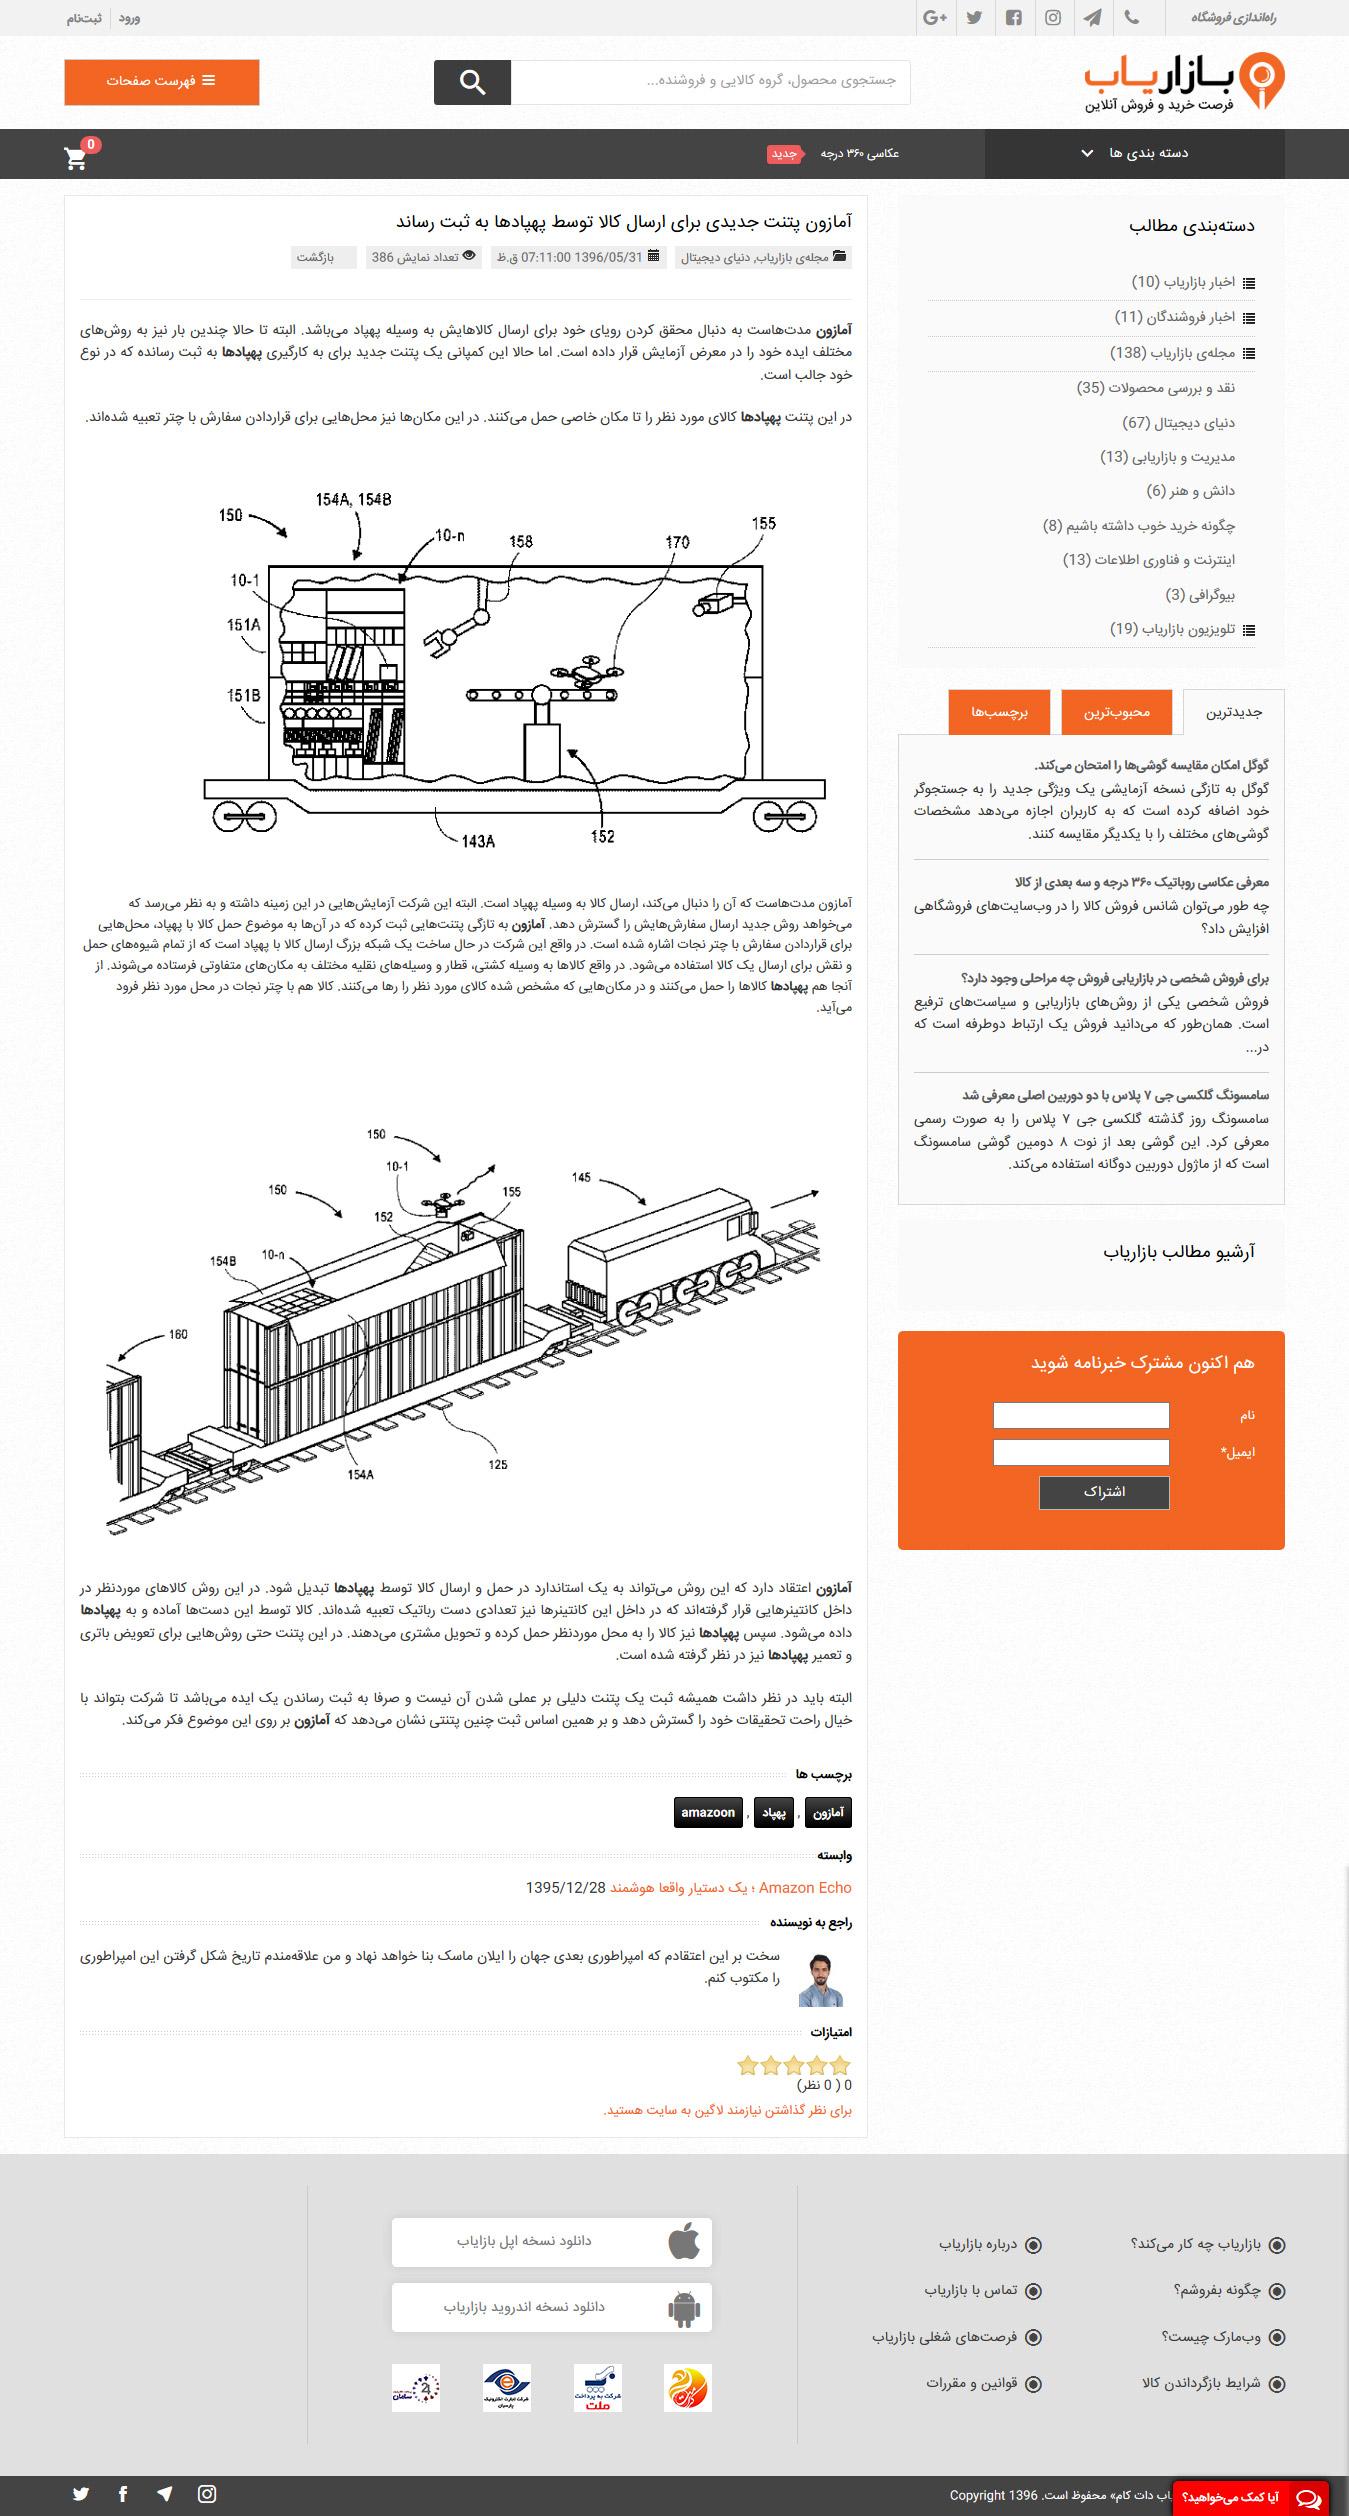 تصویری از جزئیات یک مقاله تخصصی در فروشگاه بازاریاب دات کام